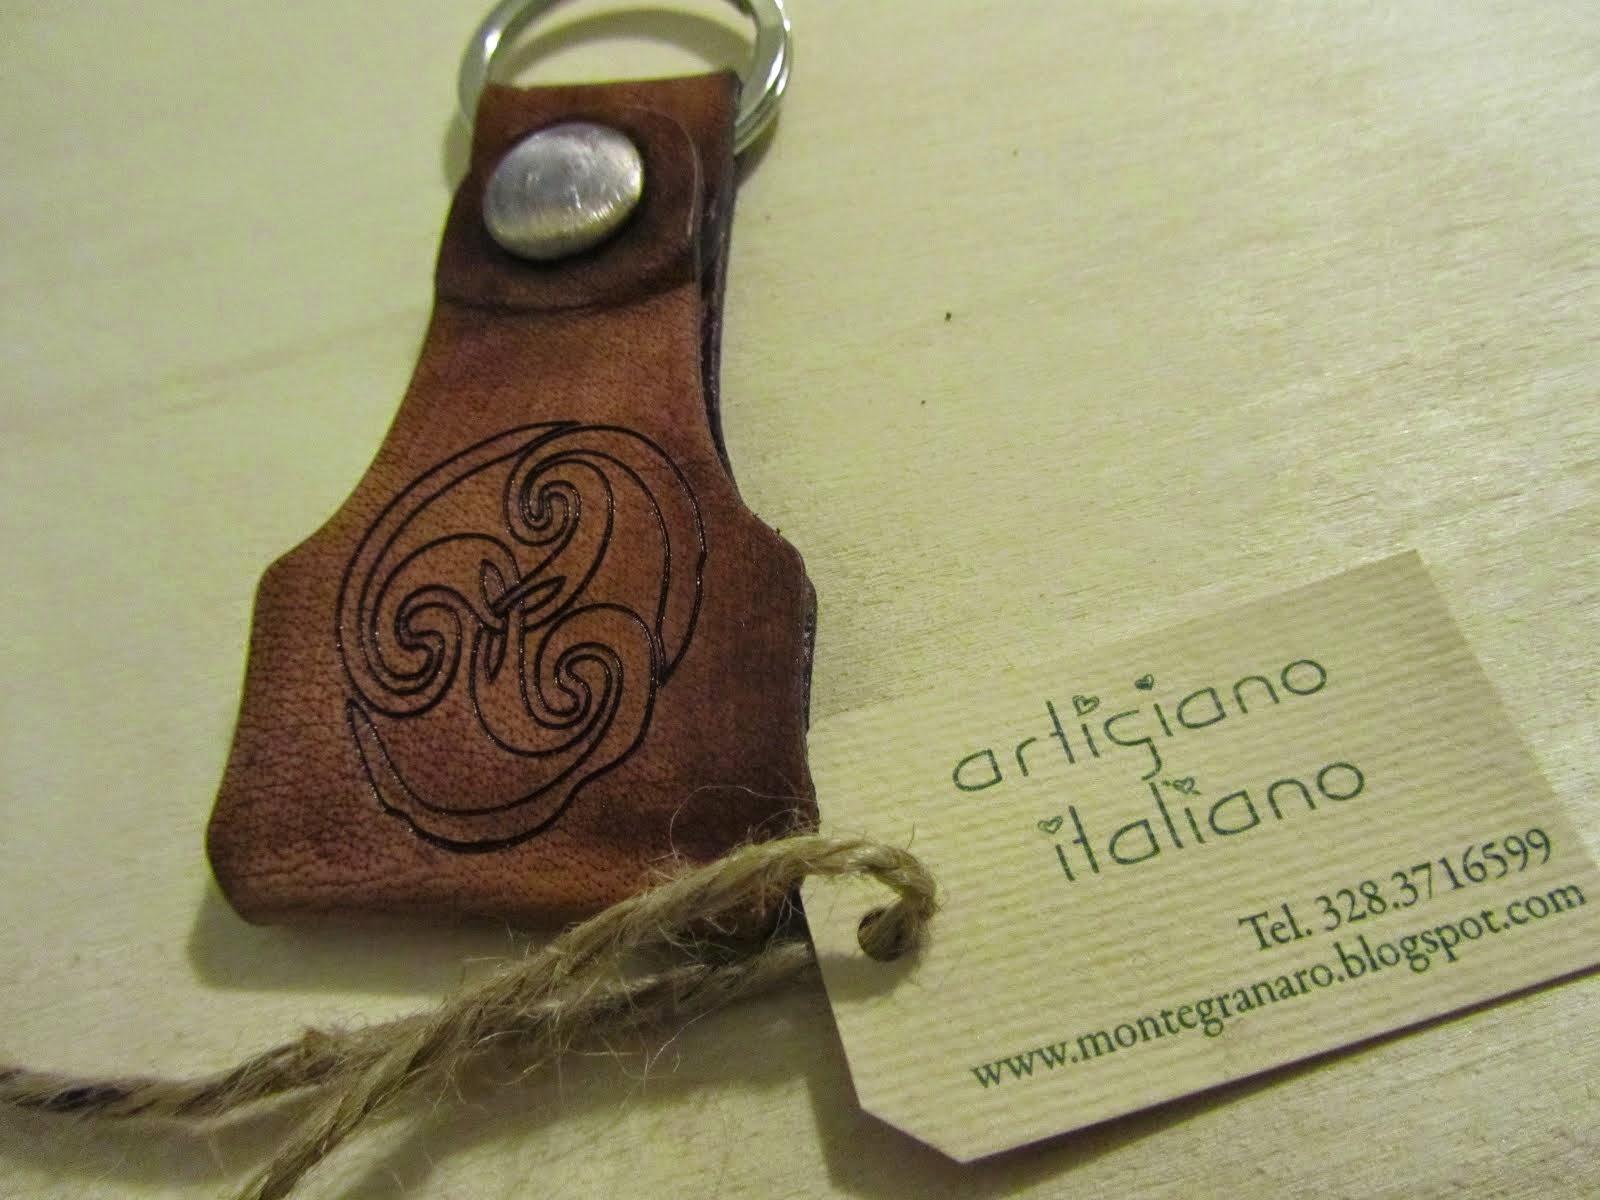 Artigiano Italiano esegue personalizzazione di oggetti in pelle e cuoio